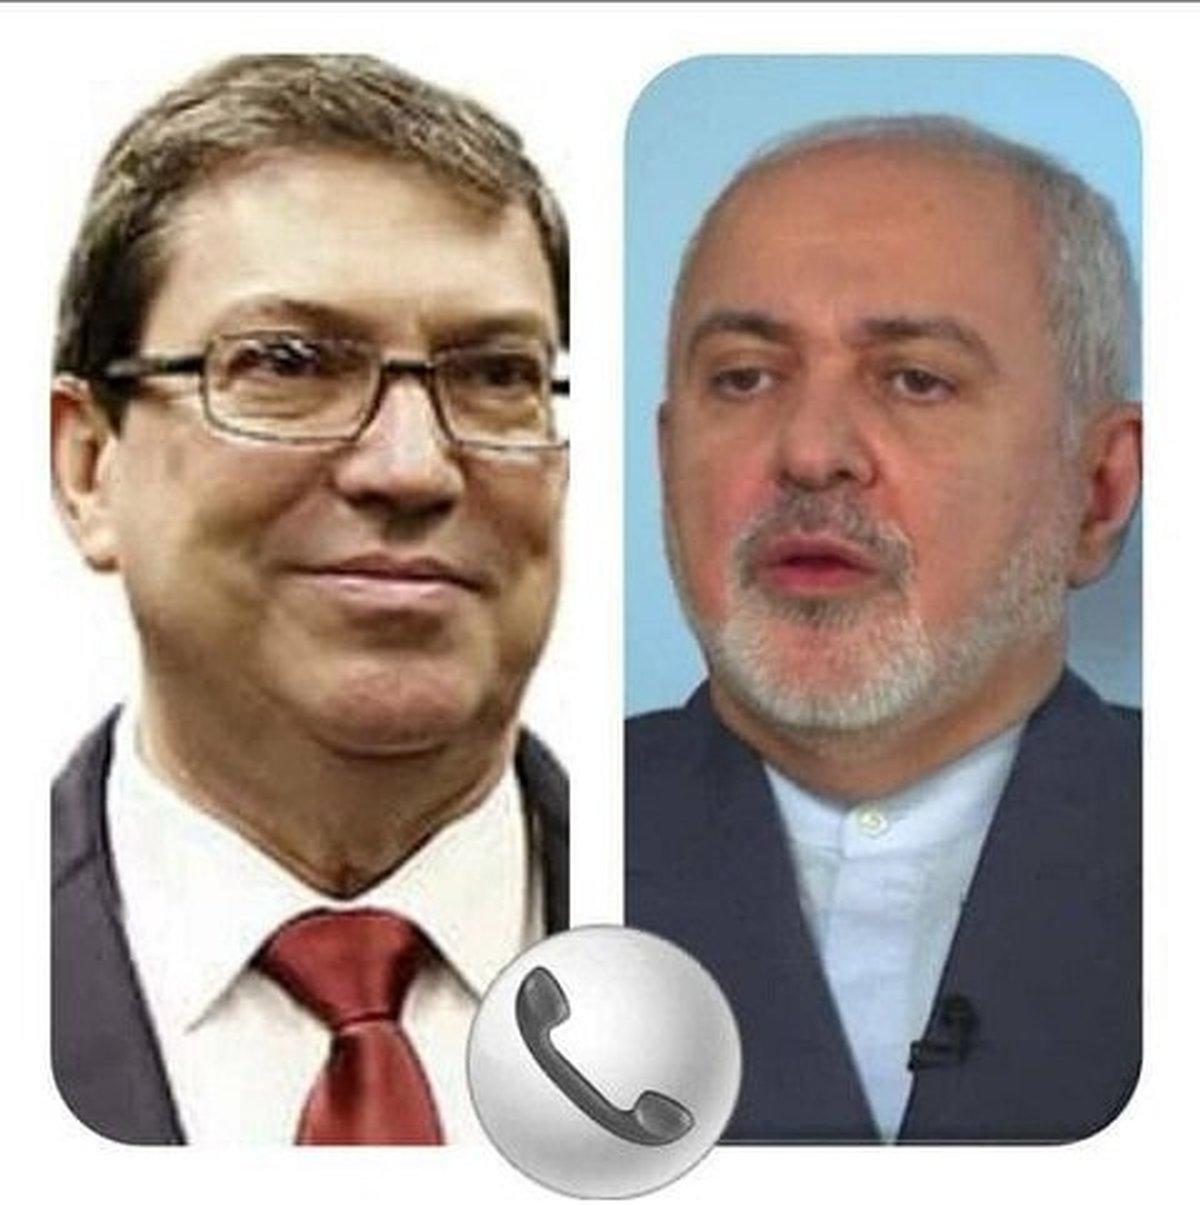 ظریف : هرگونه دخالت خارجی در امور داخلی کوبا مردود است